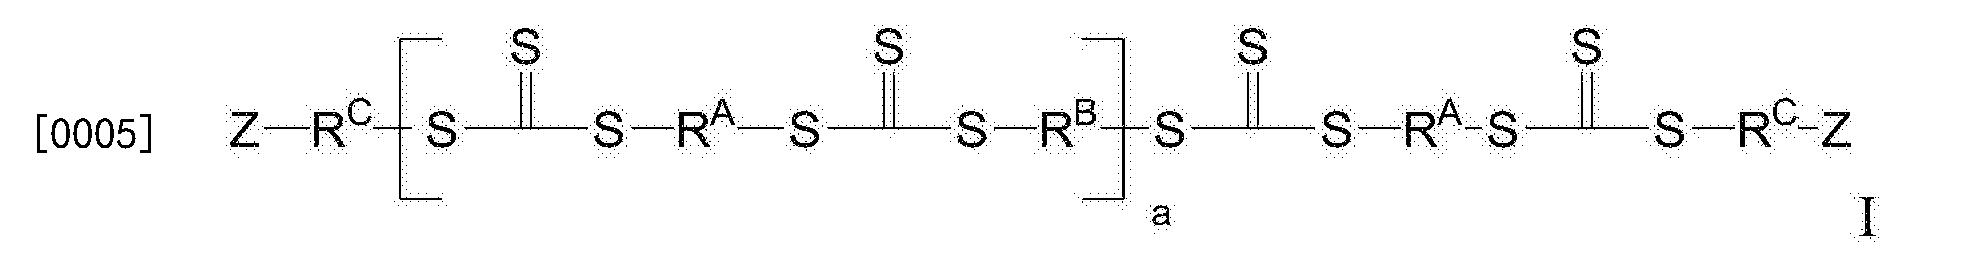 Figure CN105555855BD00041